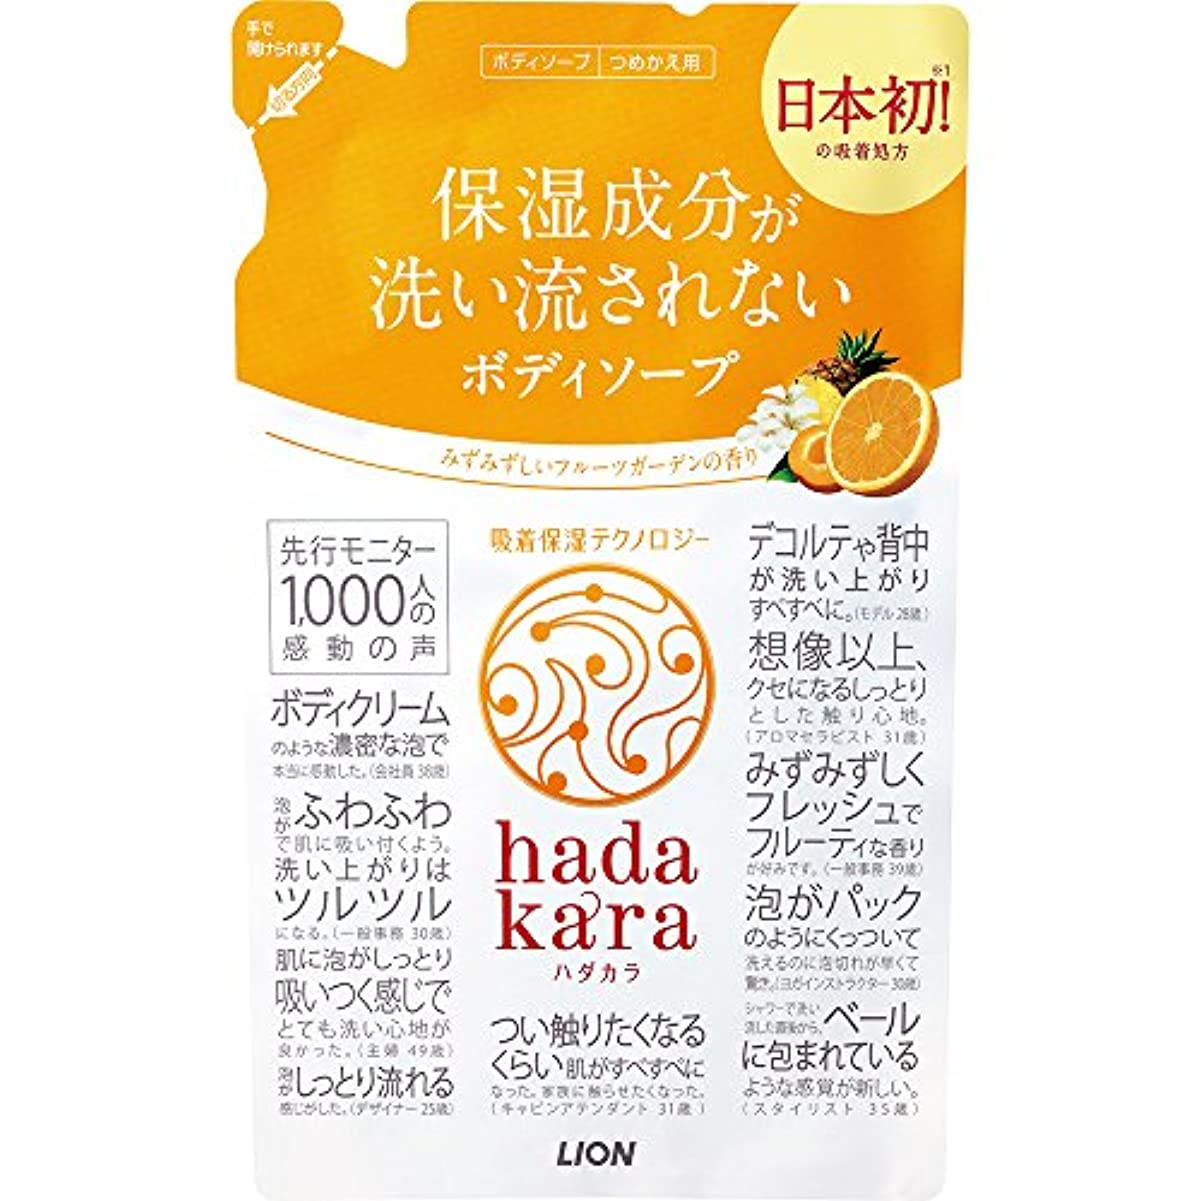 修士号年金広げるhadakara(ハダカラ) ボディソープ フルーツガーデンの香り 詰め替え 360ml